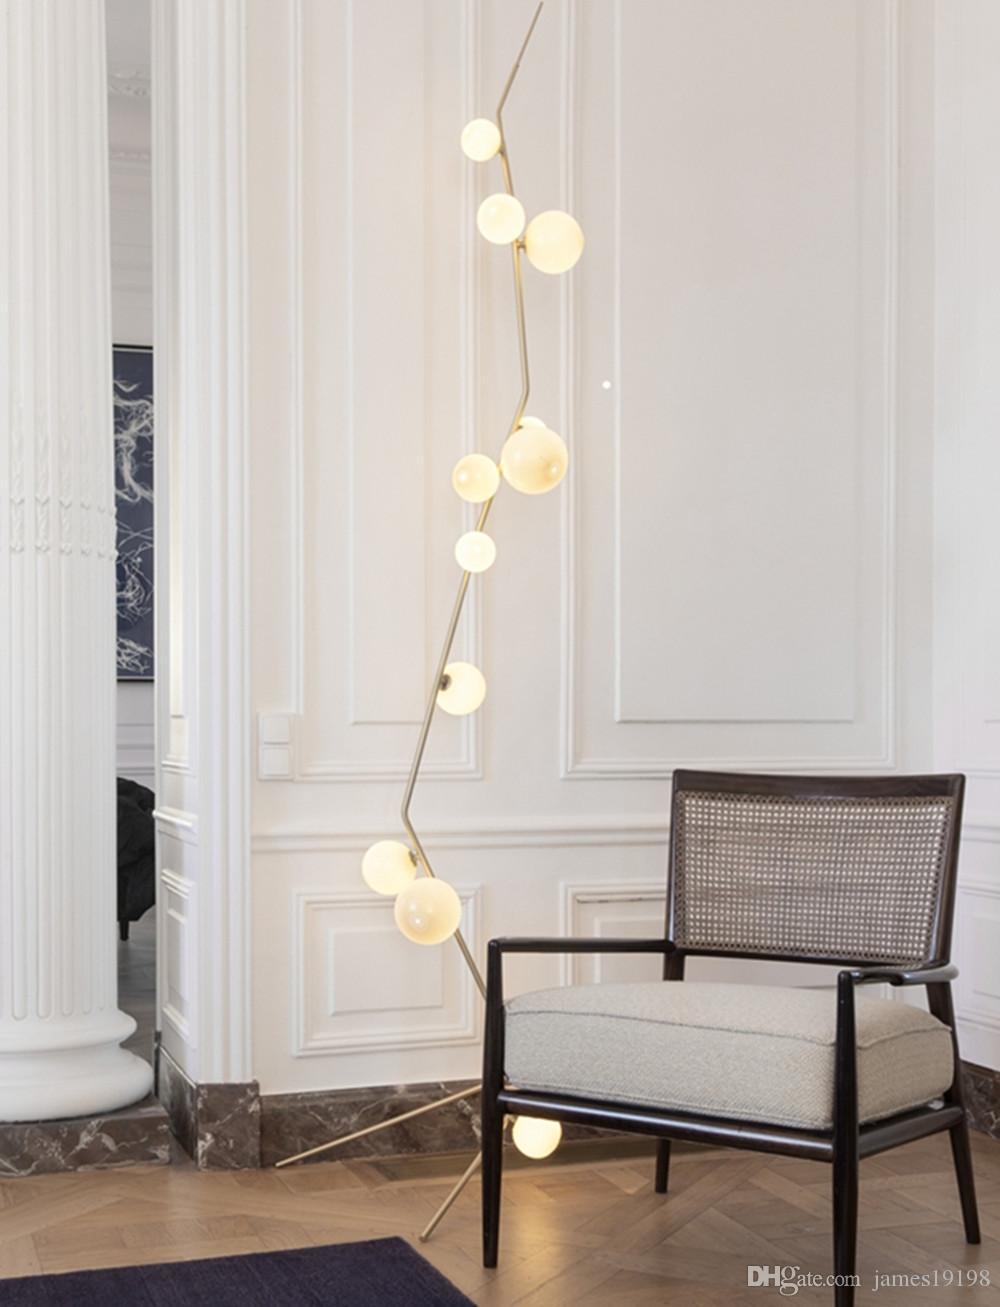 Acquista Lampada Da Terra Moderna In Vetroceramica A Boccioli Lampada Da  Soggiorno Moderna Lindsey Adelman New A $360.79 Dal James19198 | DHgate.Com